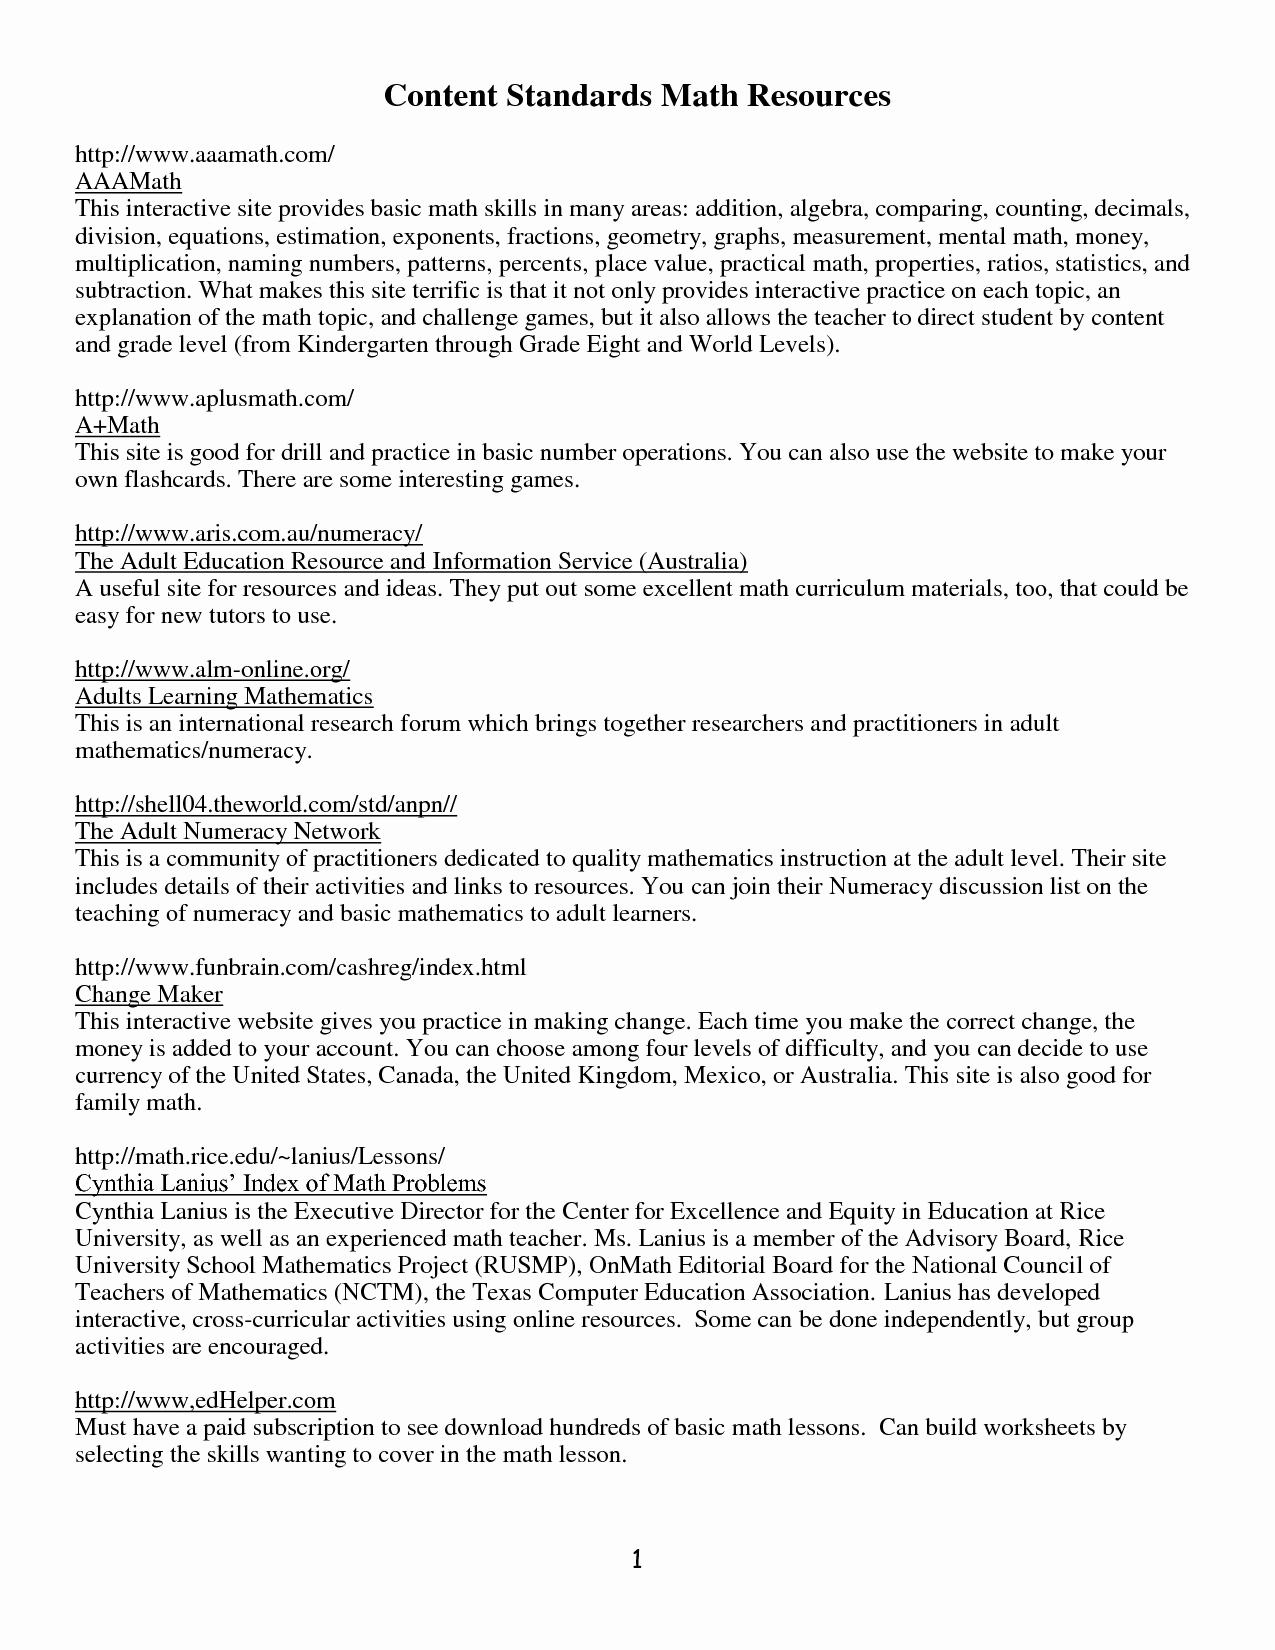 Printable Ged Practice Worksheets Language Arts - Happy Living - Free Printable Ged Worksheets